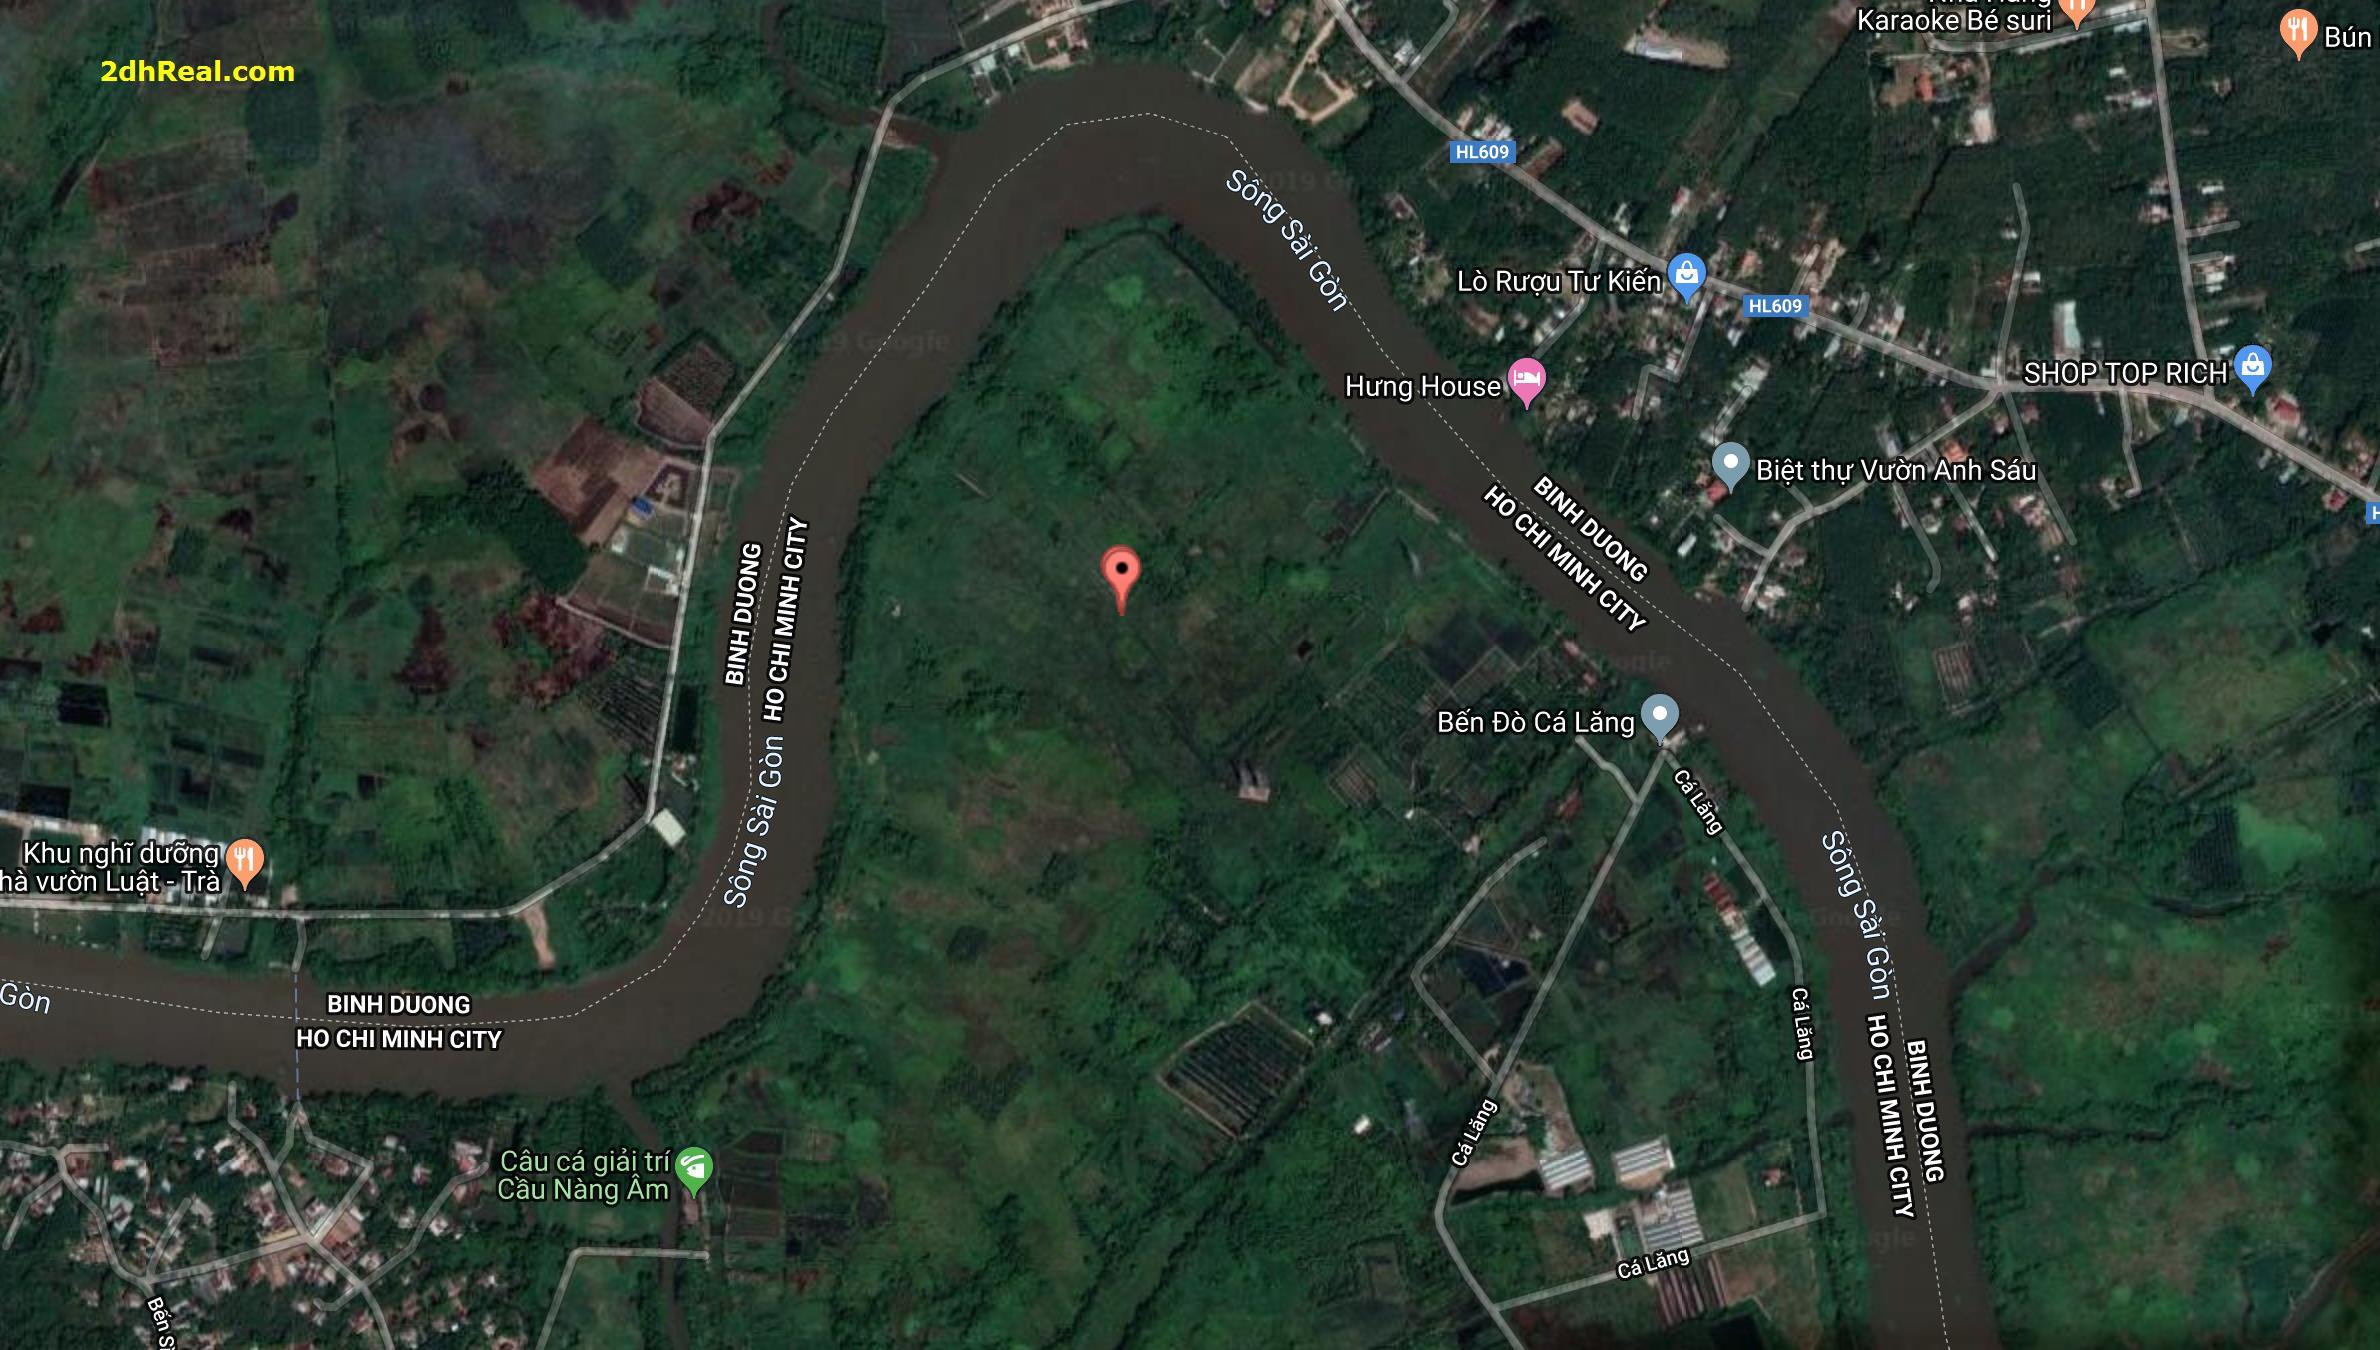 Bán dự án Khu du lịch sinh thái – nghỉ dưỡng 93ha tại xã Phú Hoà Đông, huyện Củ Chi, Tp.HCM